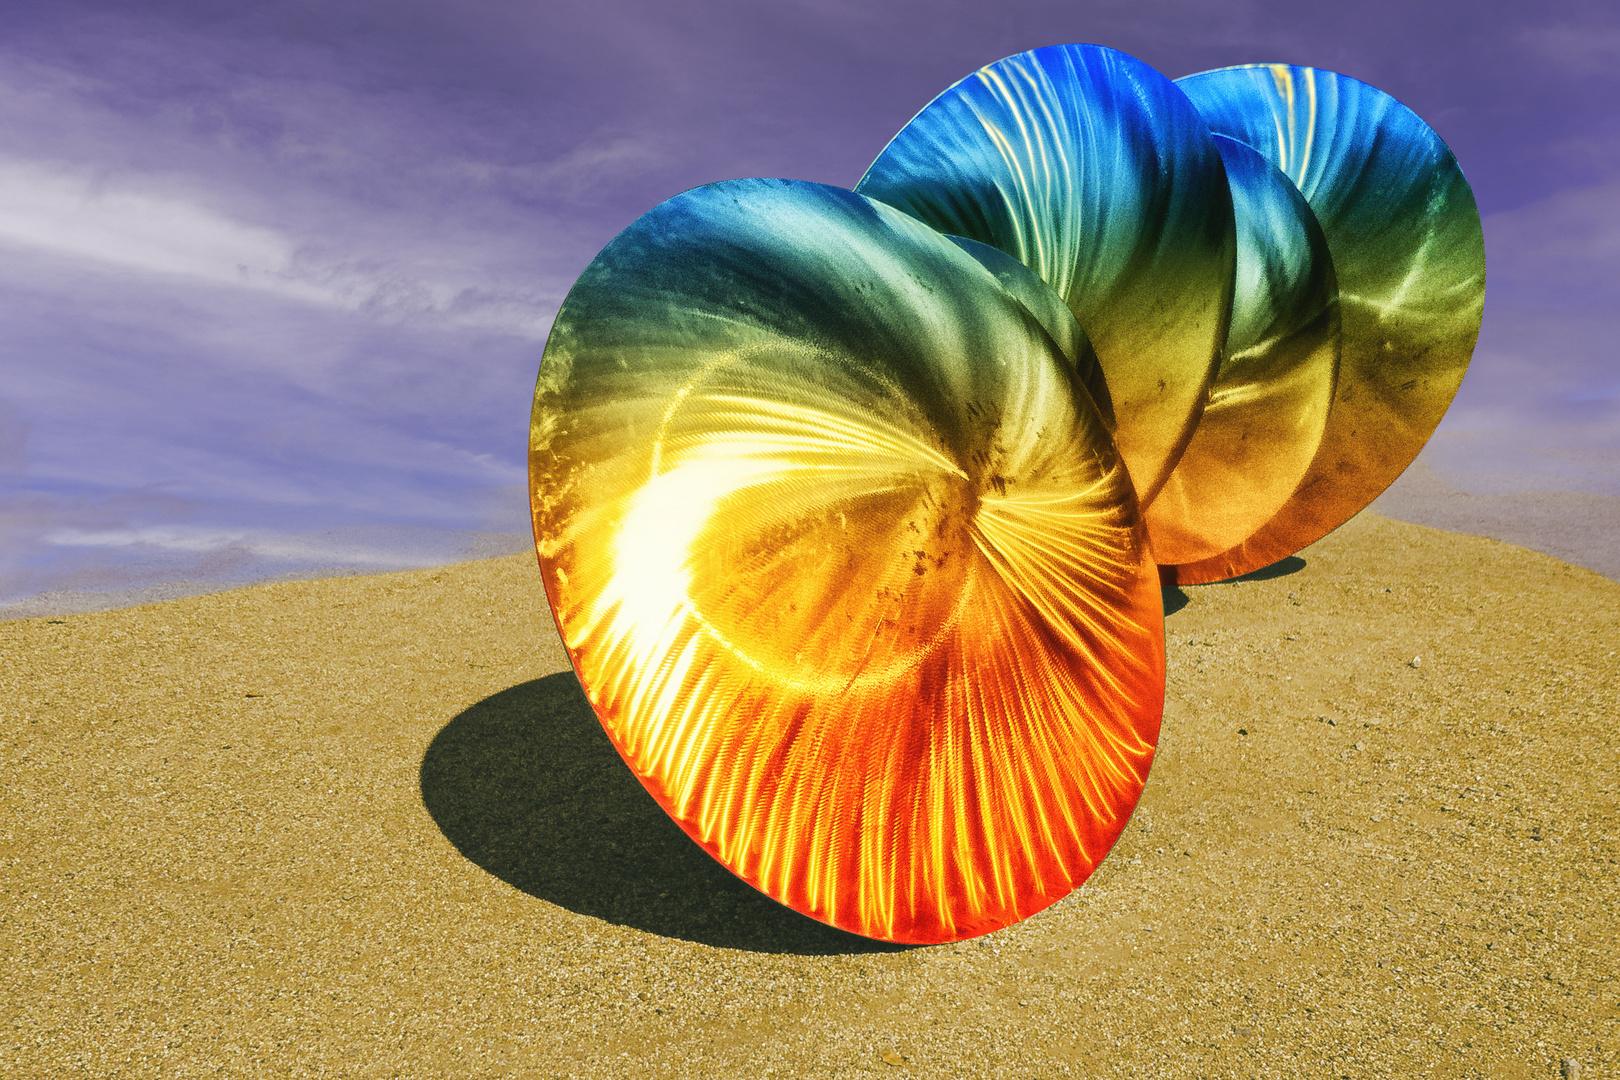 Edelstahlskulptur mit Lichteffekten in der Sonne